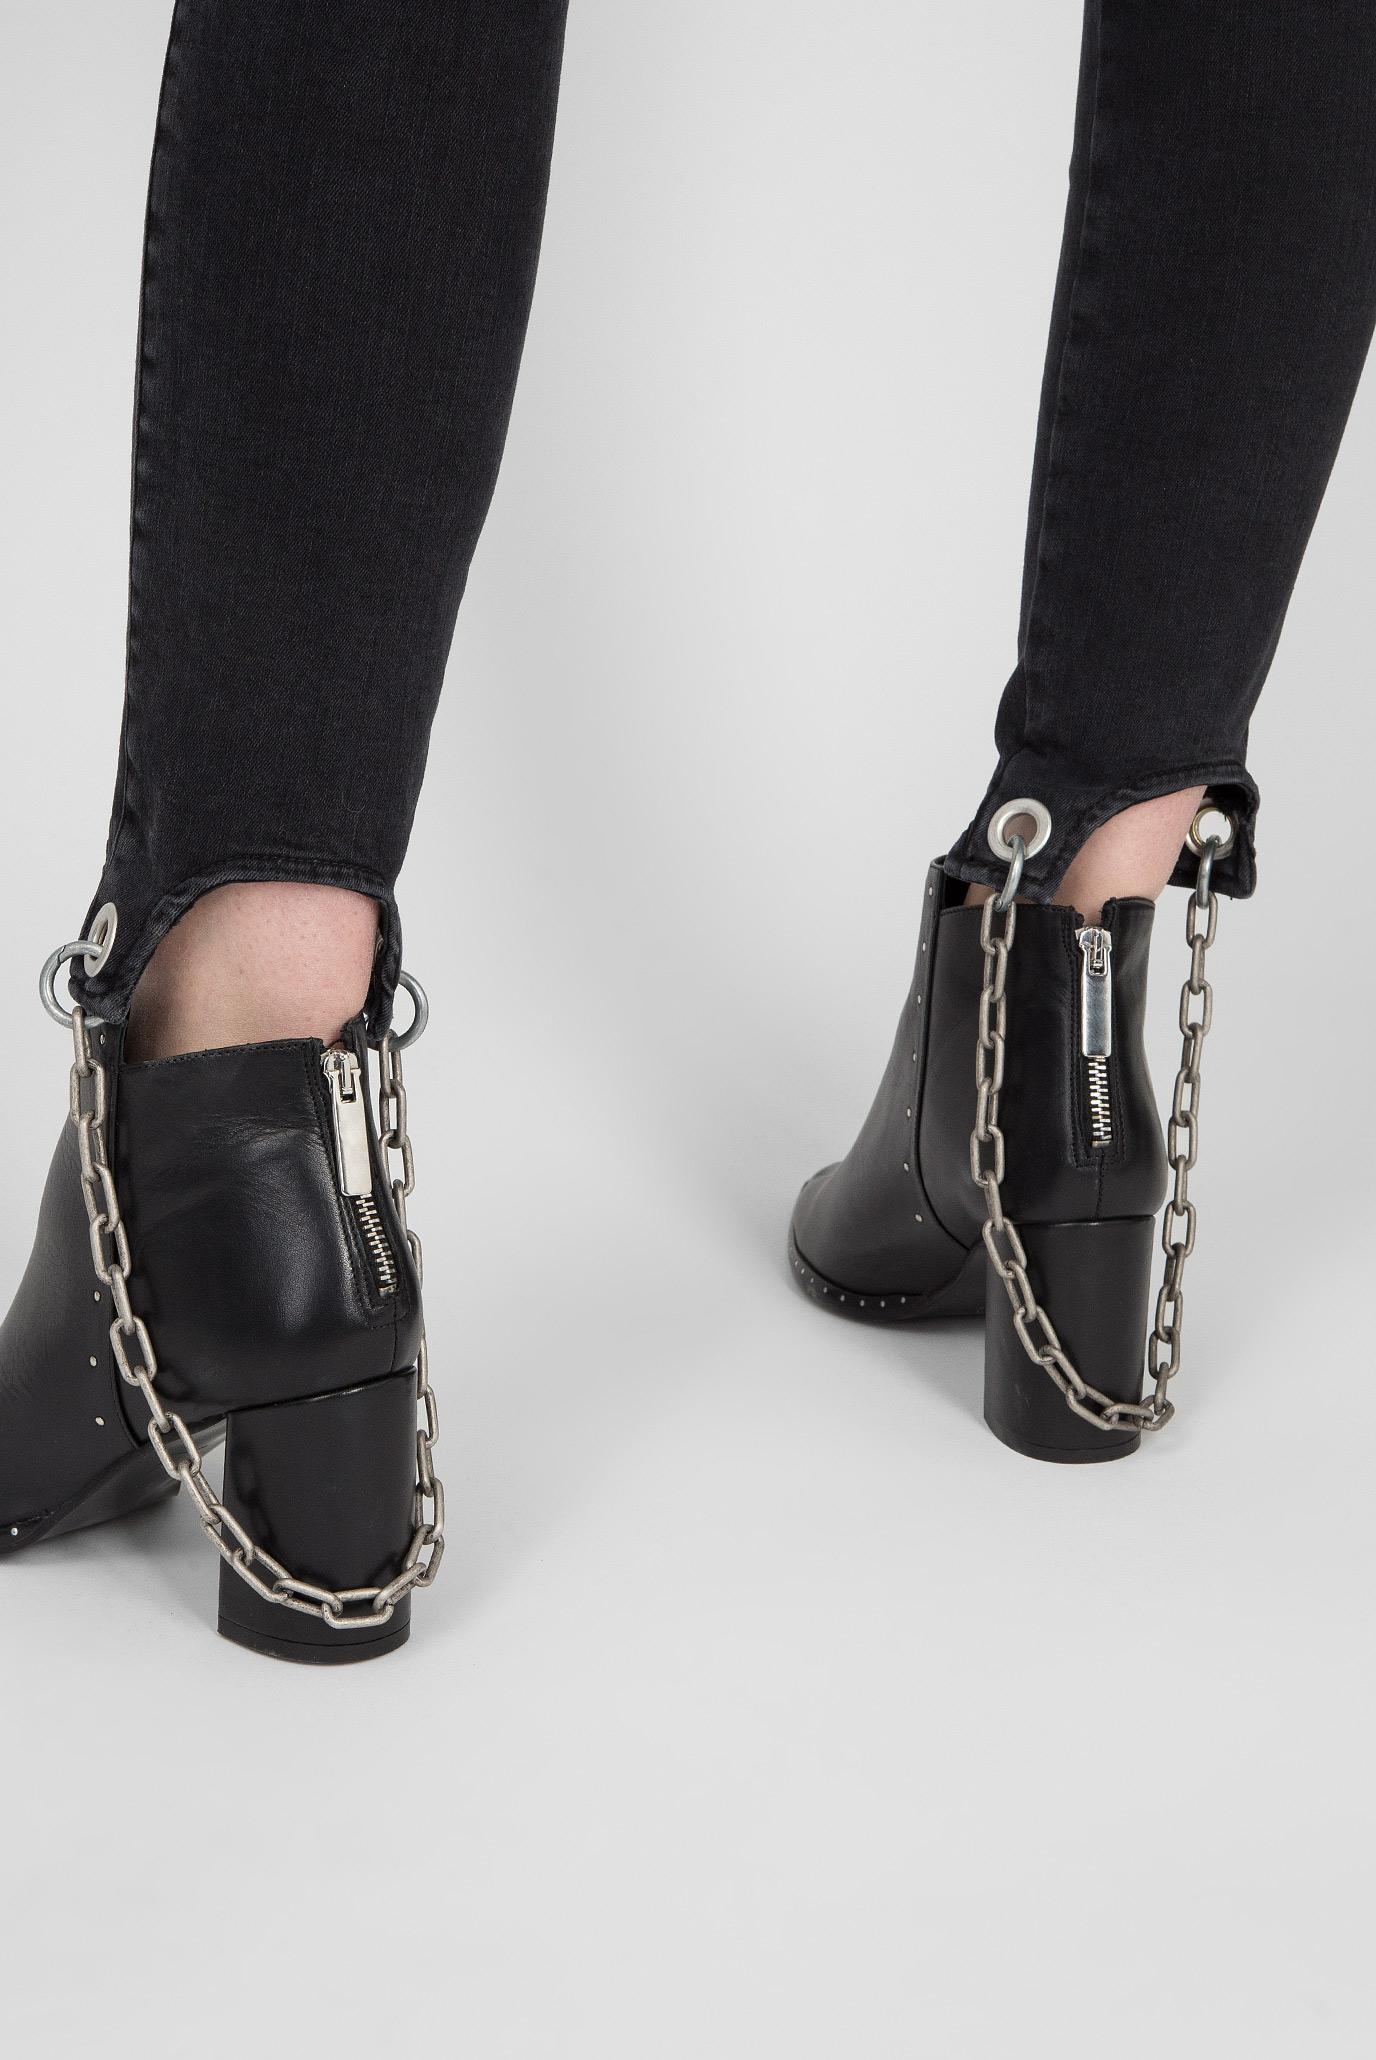 Купить Женские черные джинсы SLANDY-HIGH-G Diesel Diesel 00SRQB 081AM – Киев, Украина. Цены в интернет магазине MD Fashion